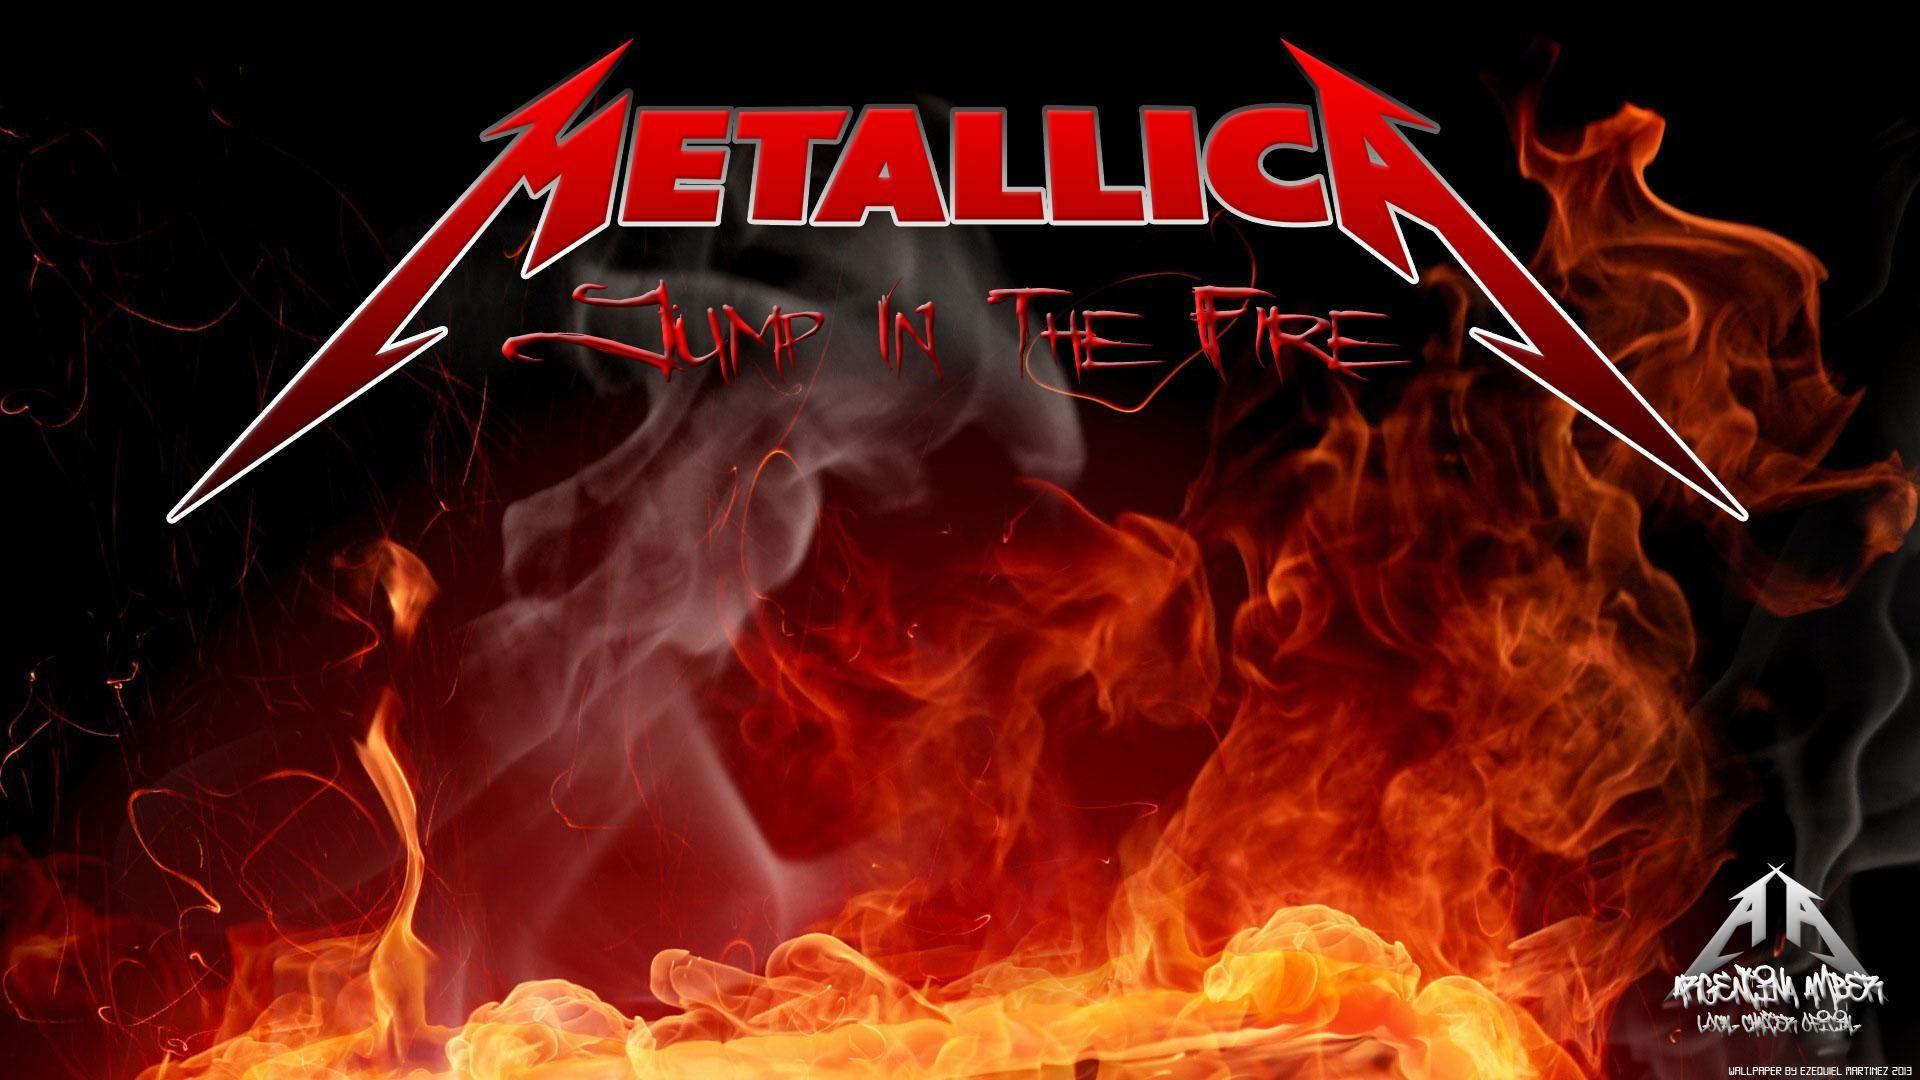 The Best Metallica Wallpapers 1920×1080 Metalica